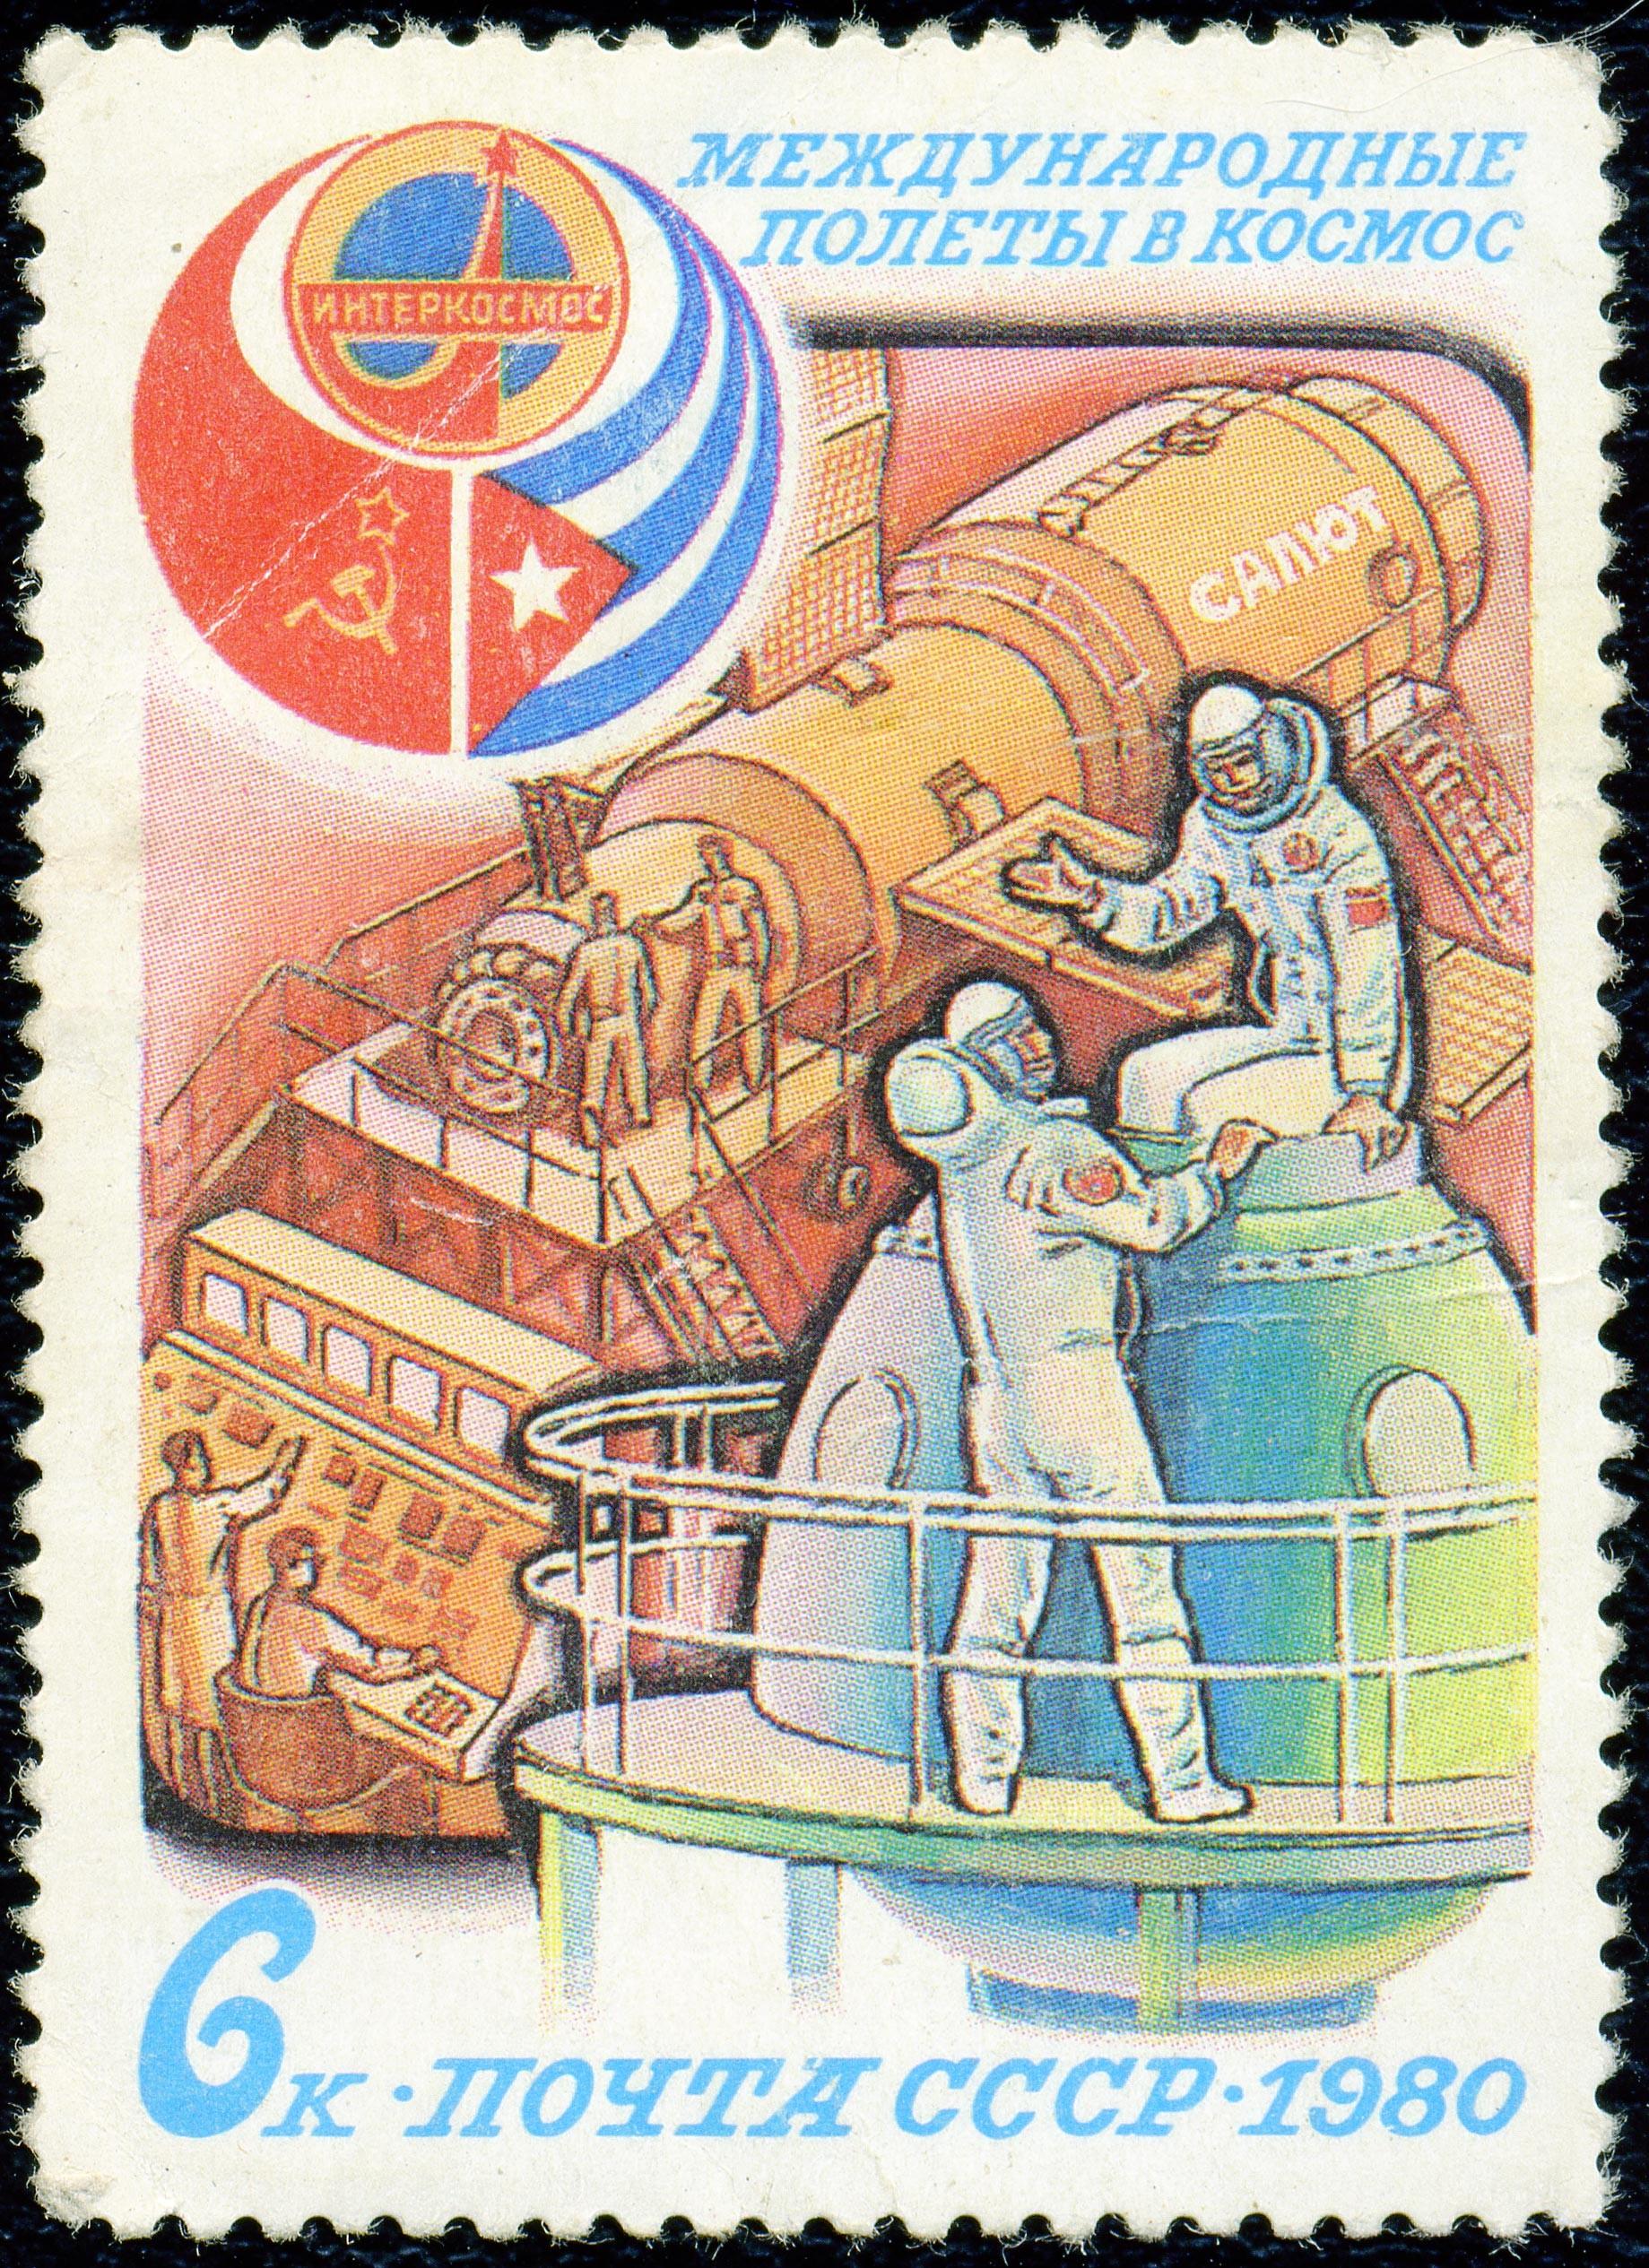 Sello dedicado a la cooperación cubano- soviética en el marco del programa Intercosmos